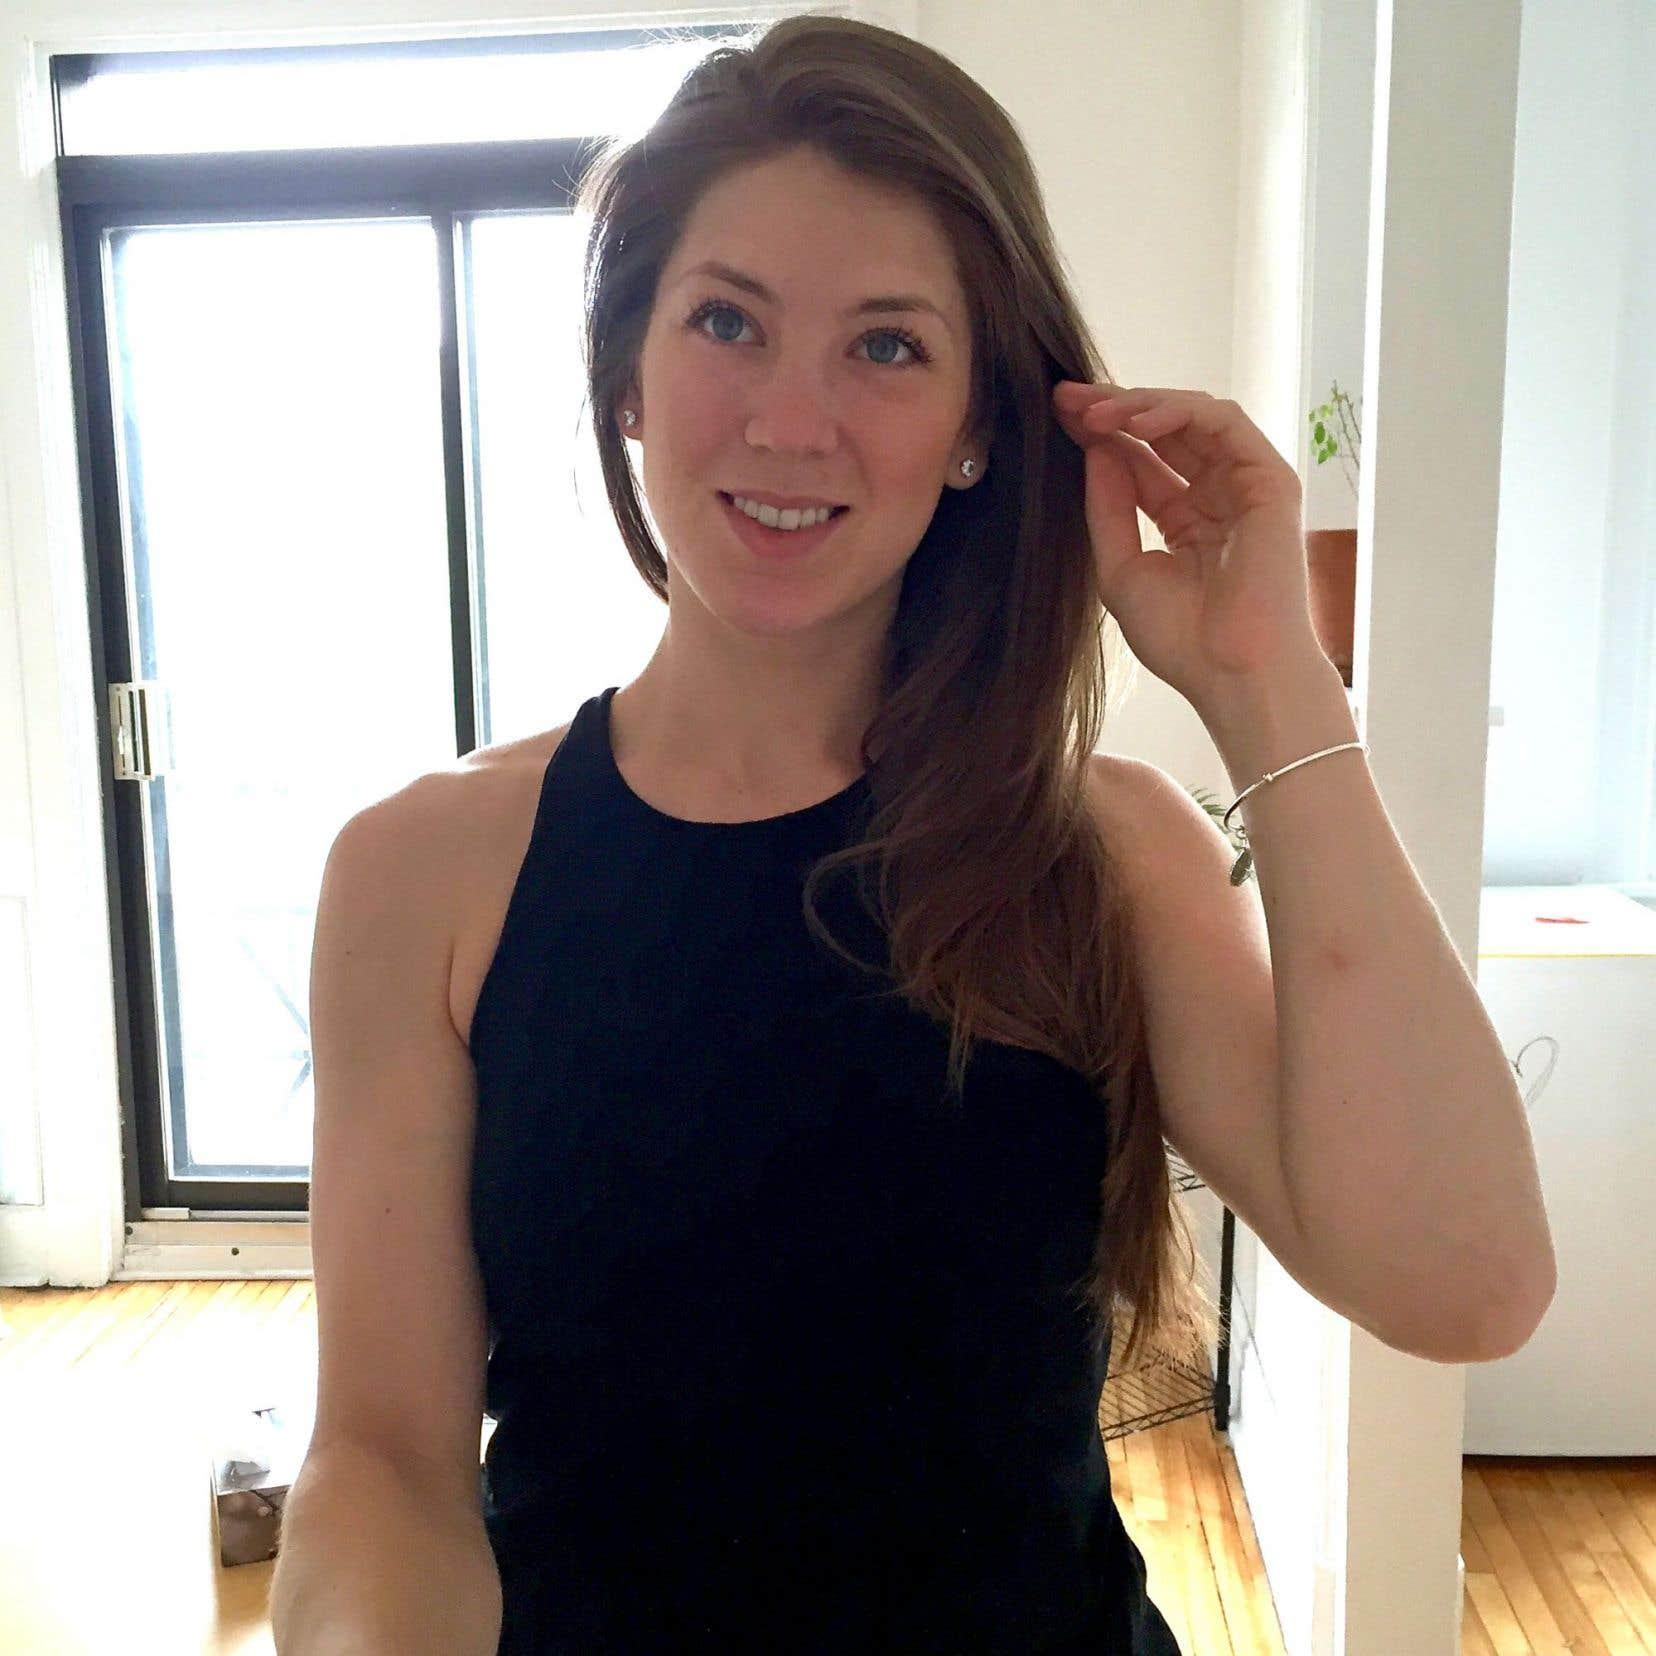 Pia Savoie, fondatrice de Dance Profiler